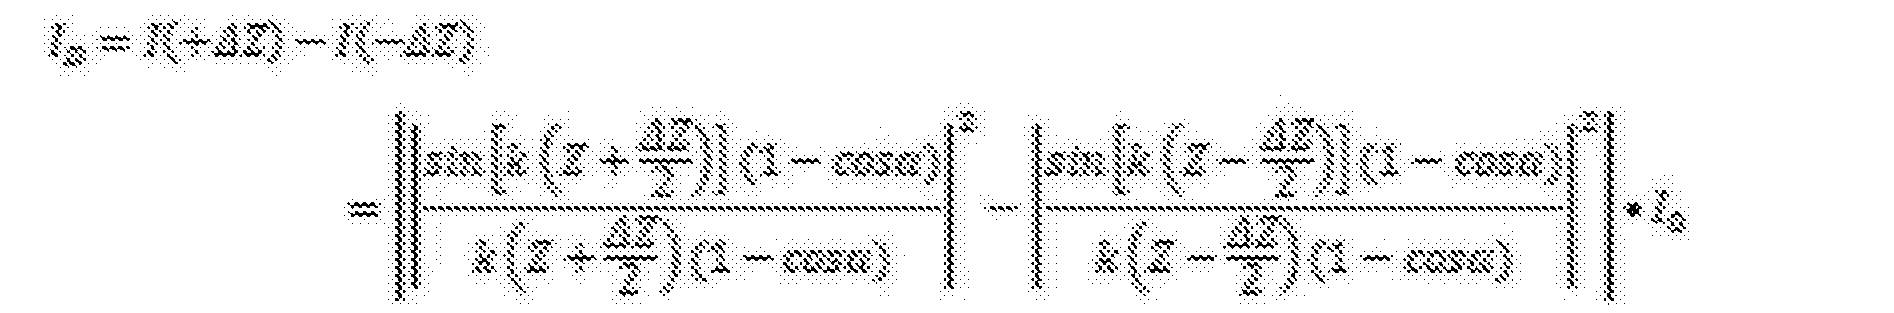 Figure CN104483099BC00021